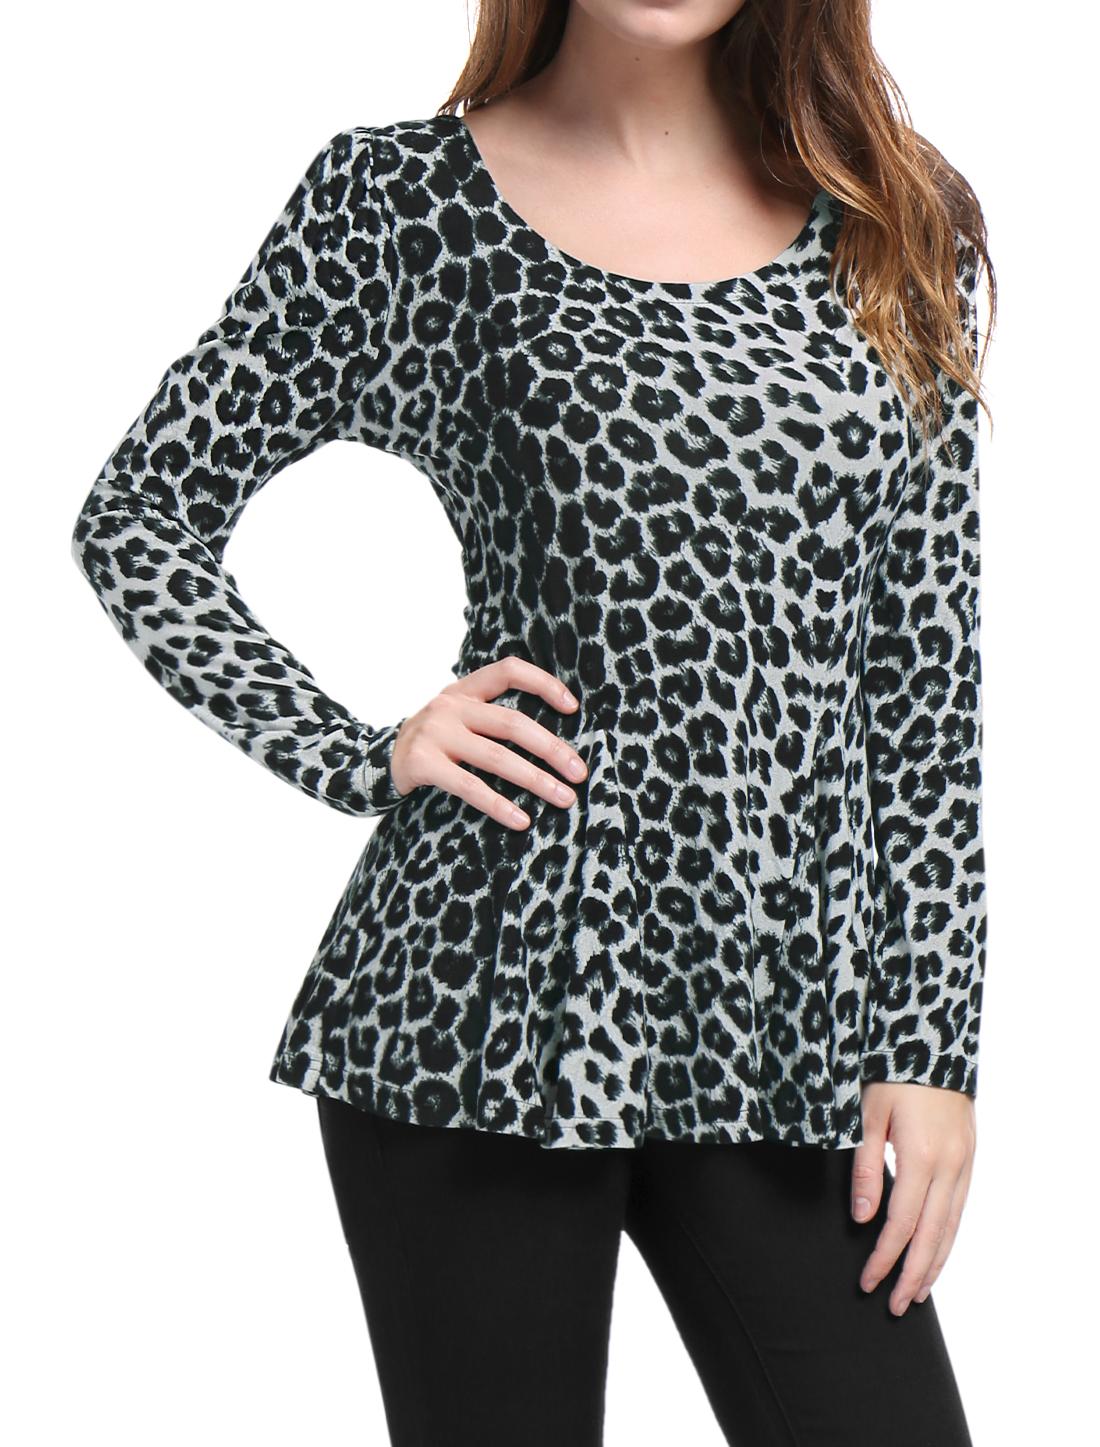 Allegra K Women Long Sleeves Scoop Neck Leopard Prints Peplum Top Gray XS